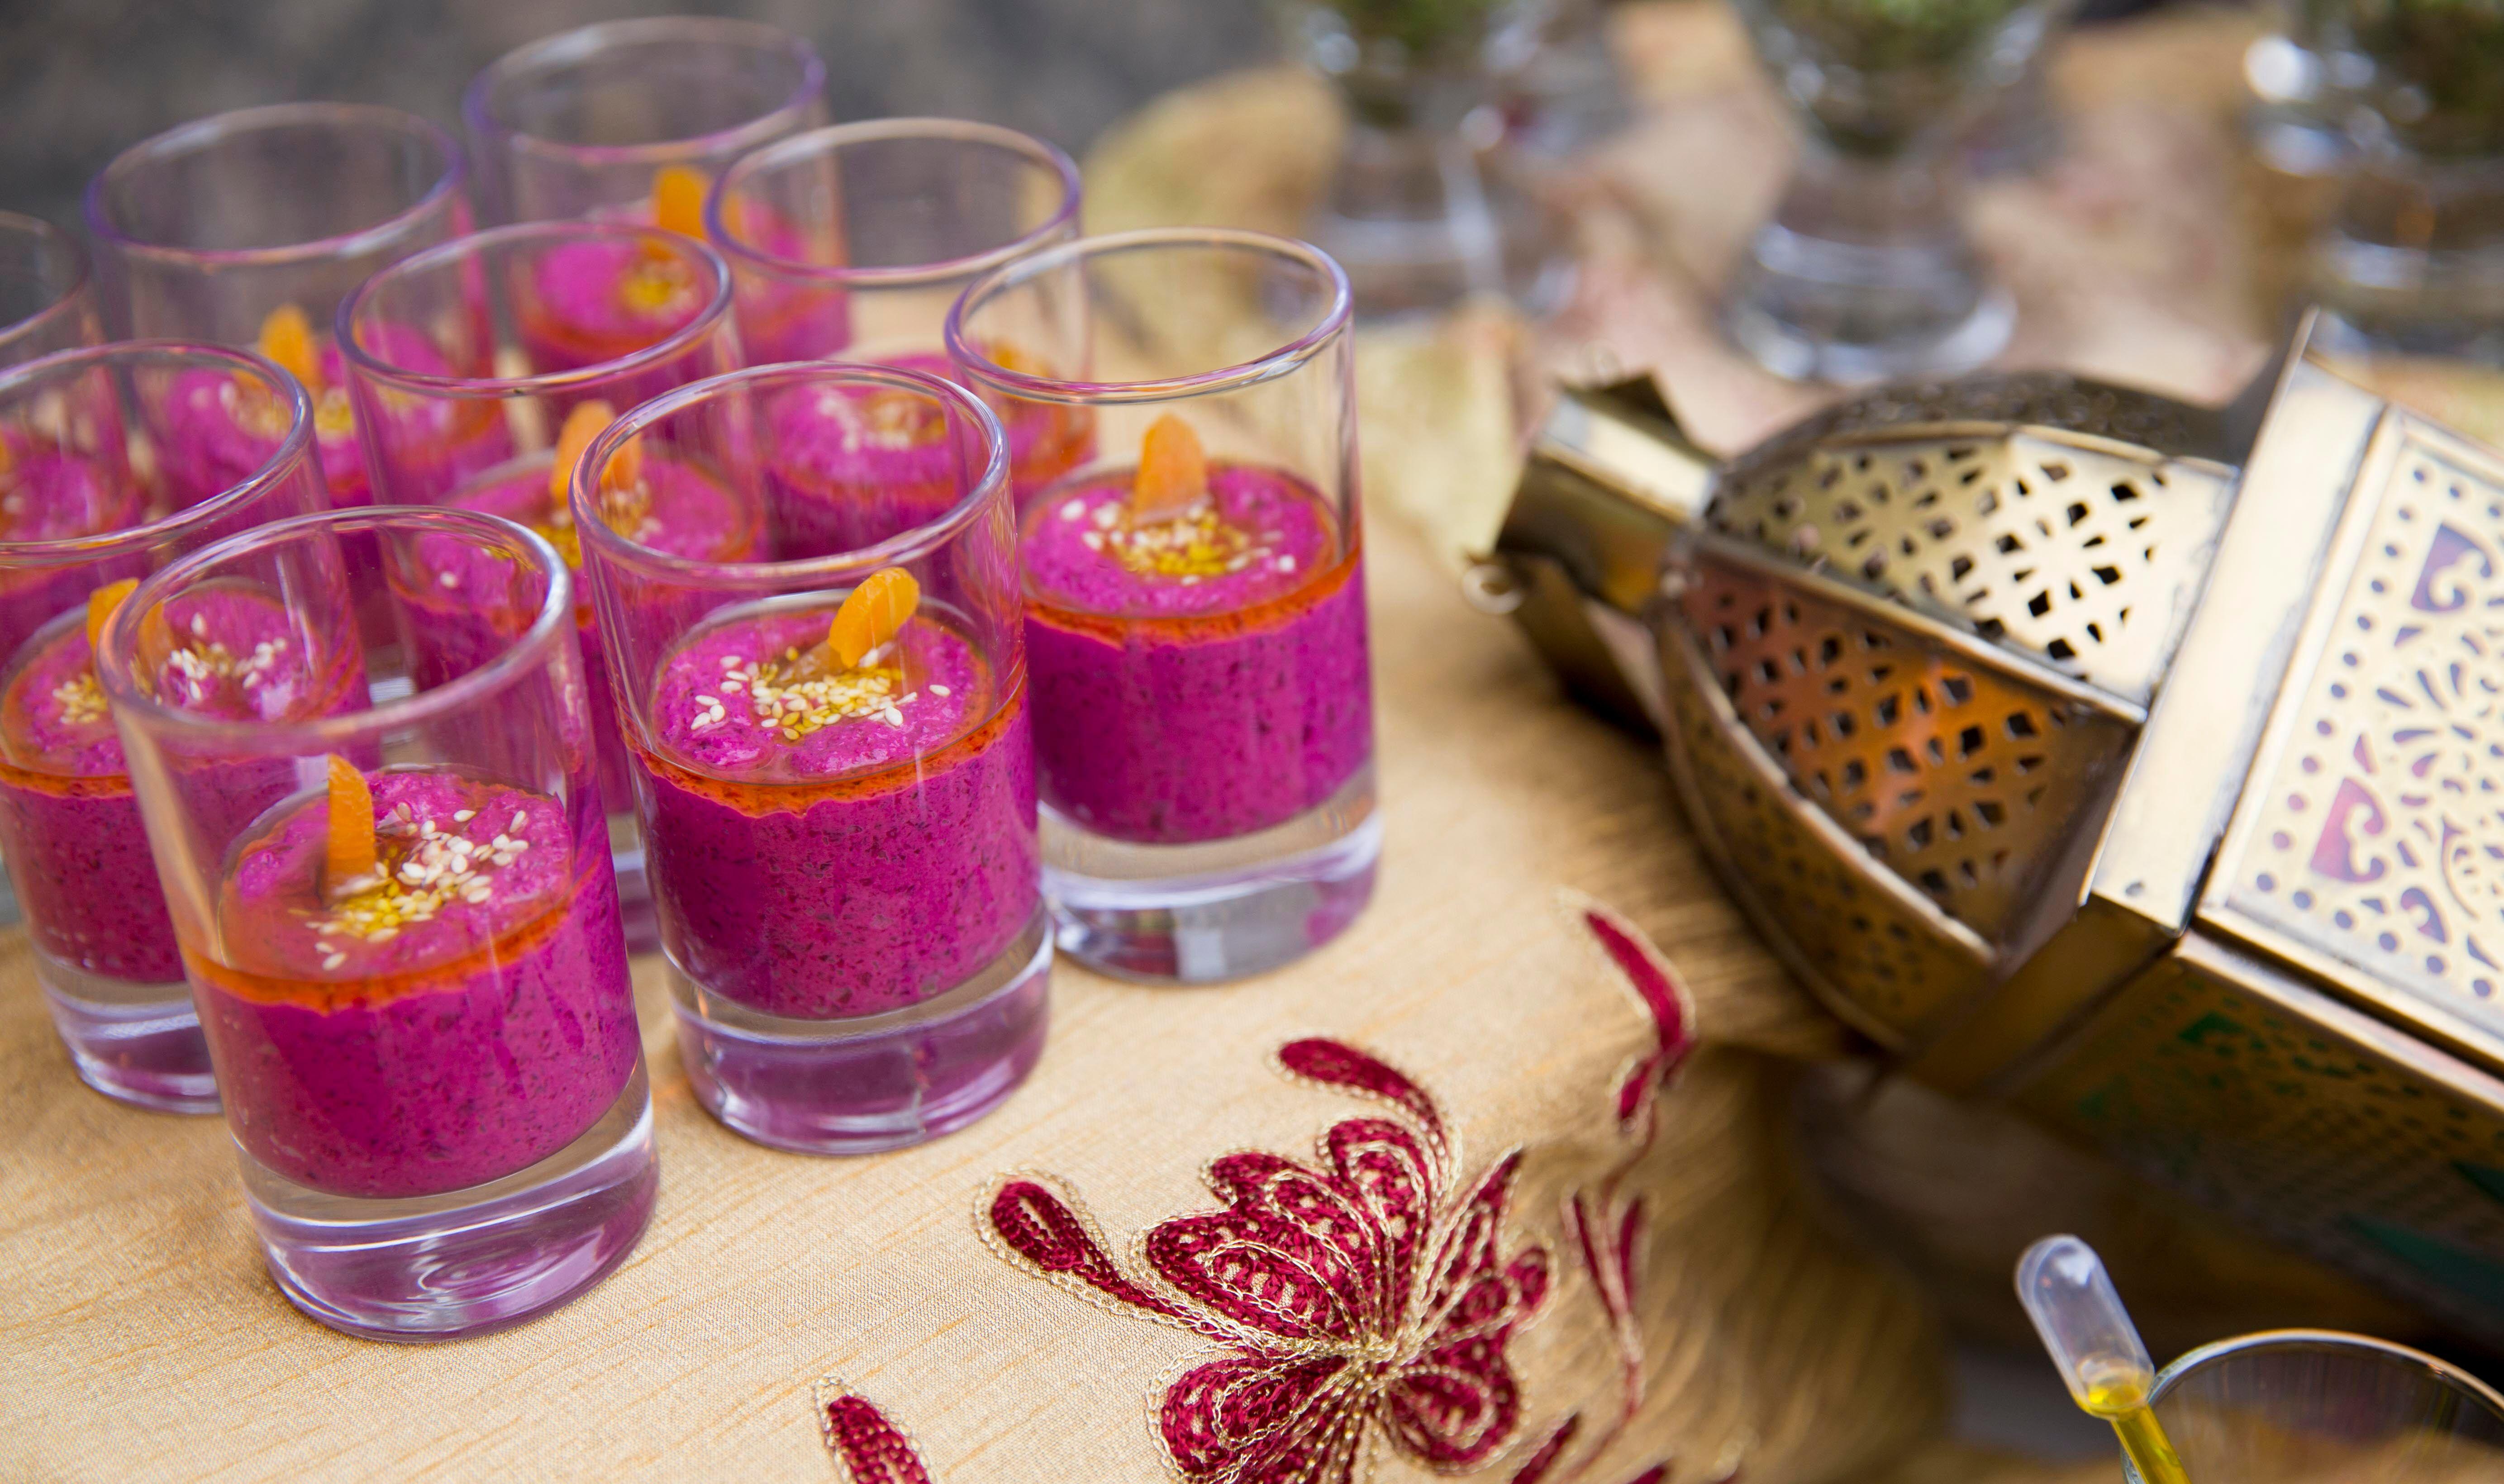 فندق الريتز كارلتون دبي ينظم مجلس رمضاني يستحق التجربة